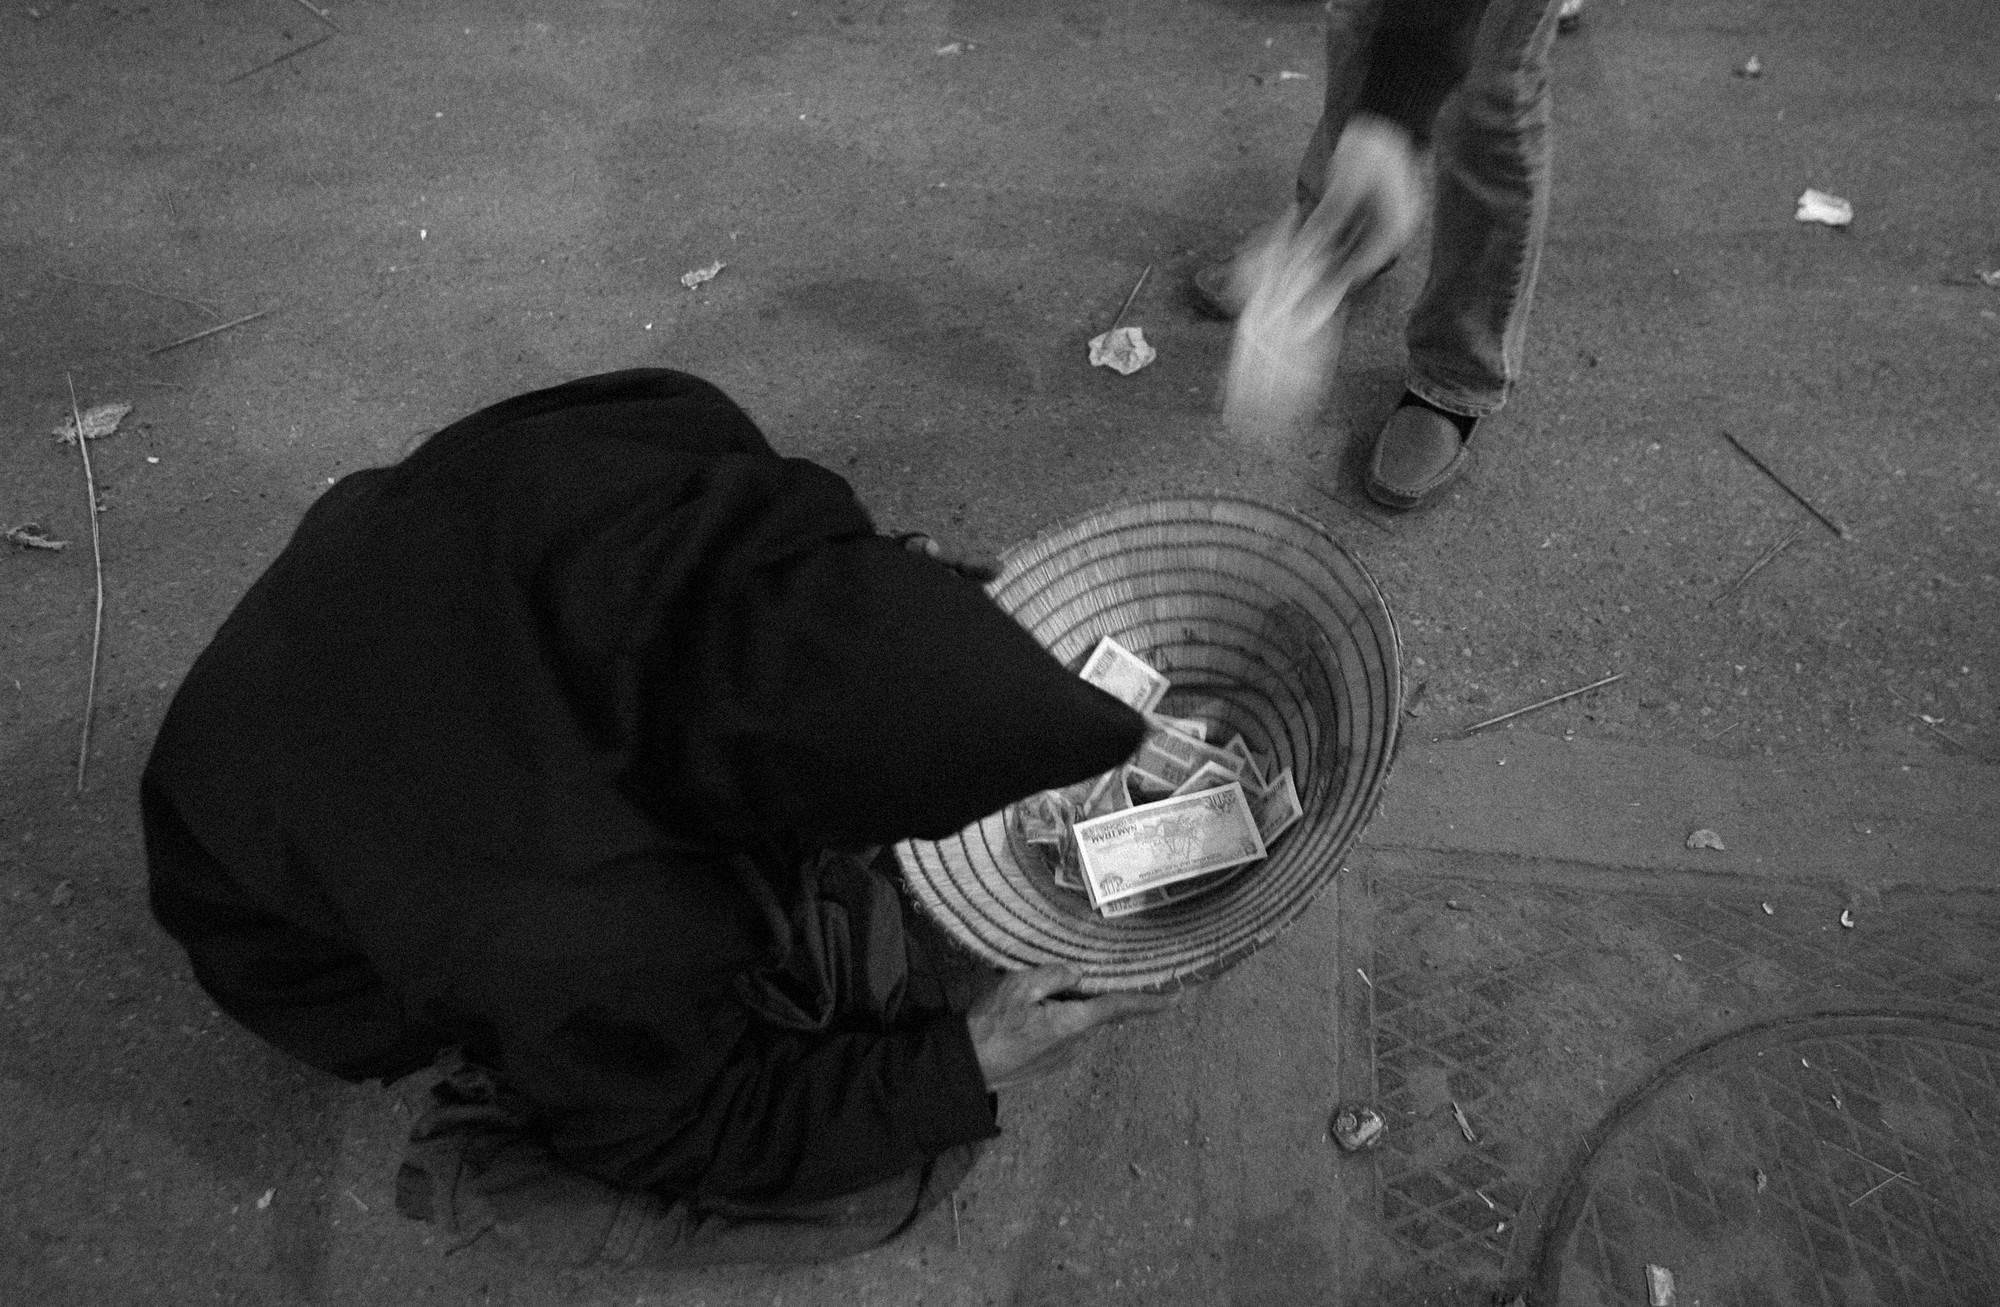 Chăn dắt ăn xin: Cuộc bóc lột siêu lợi nhuận - Ảnh 8.